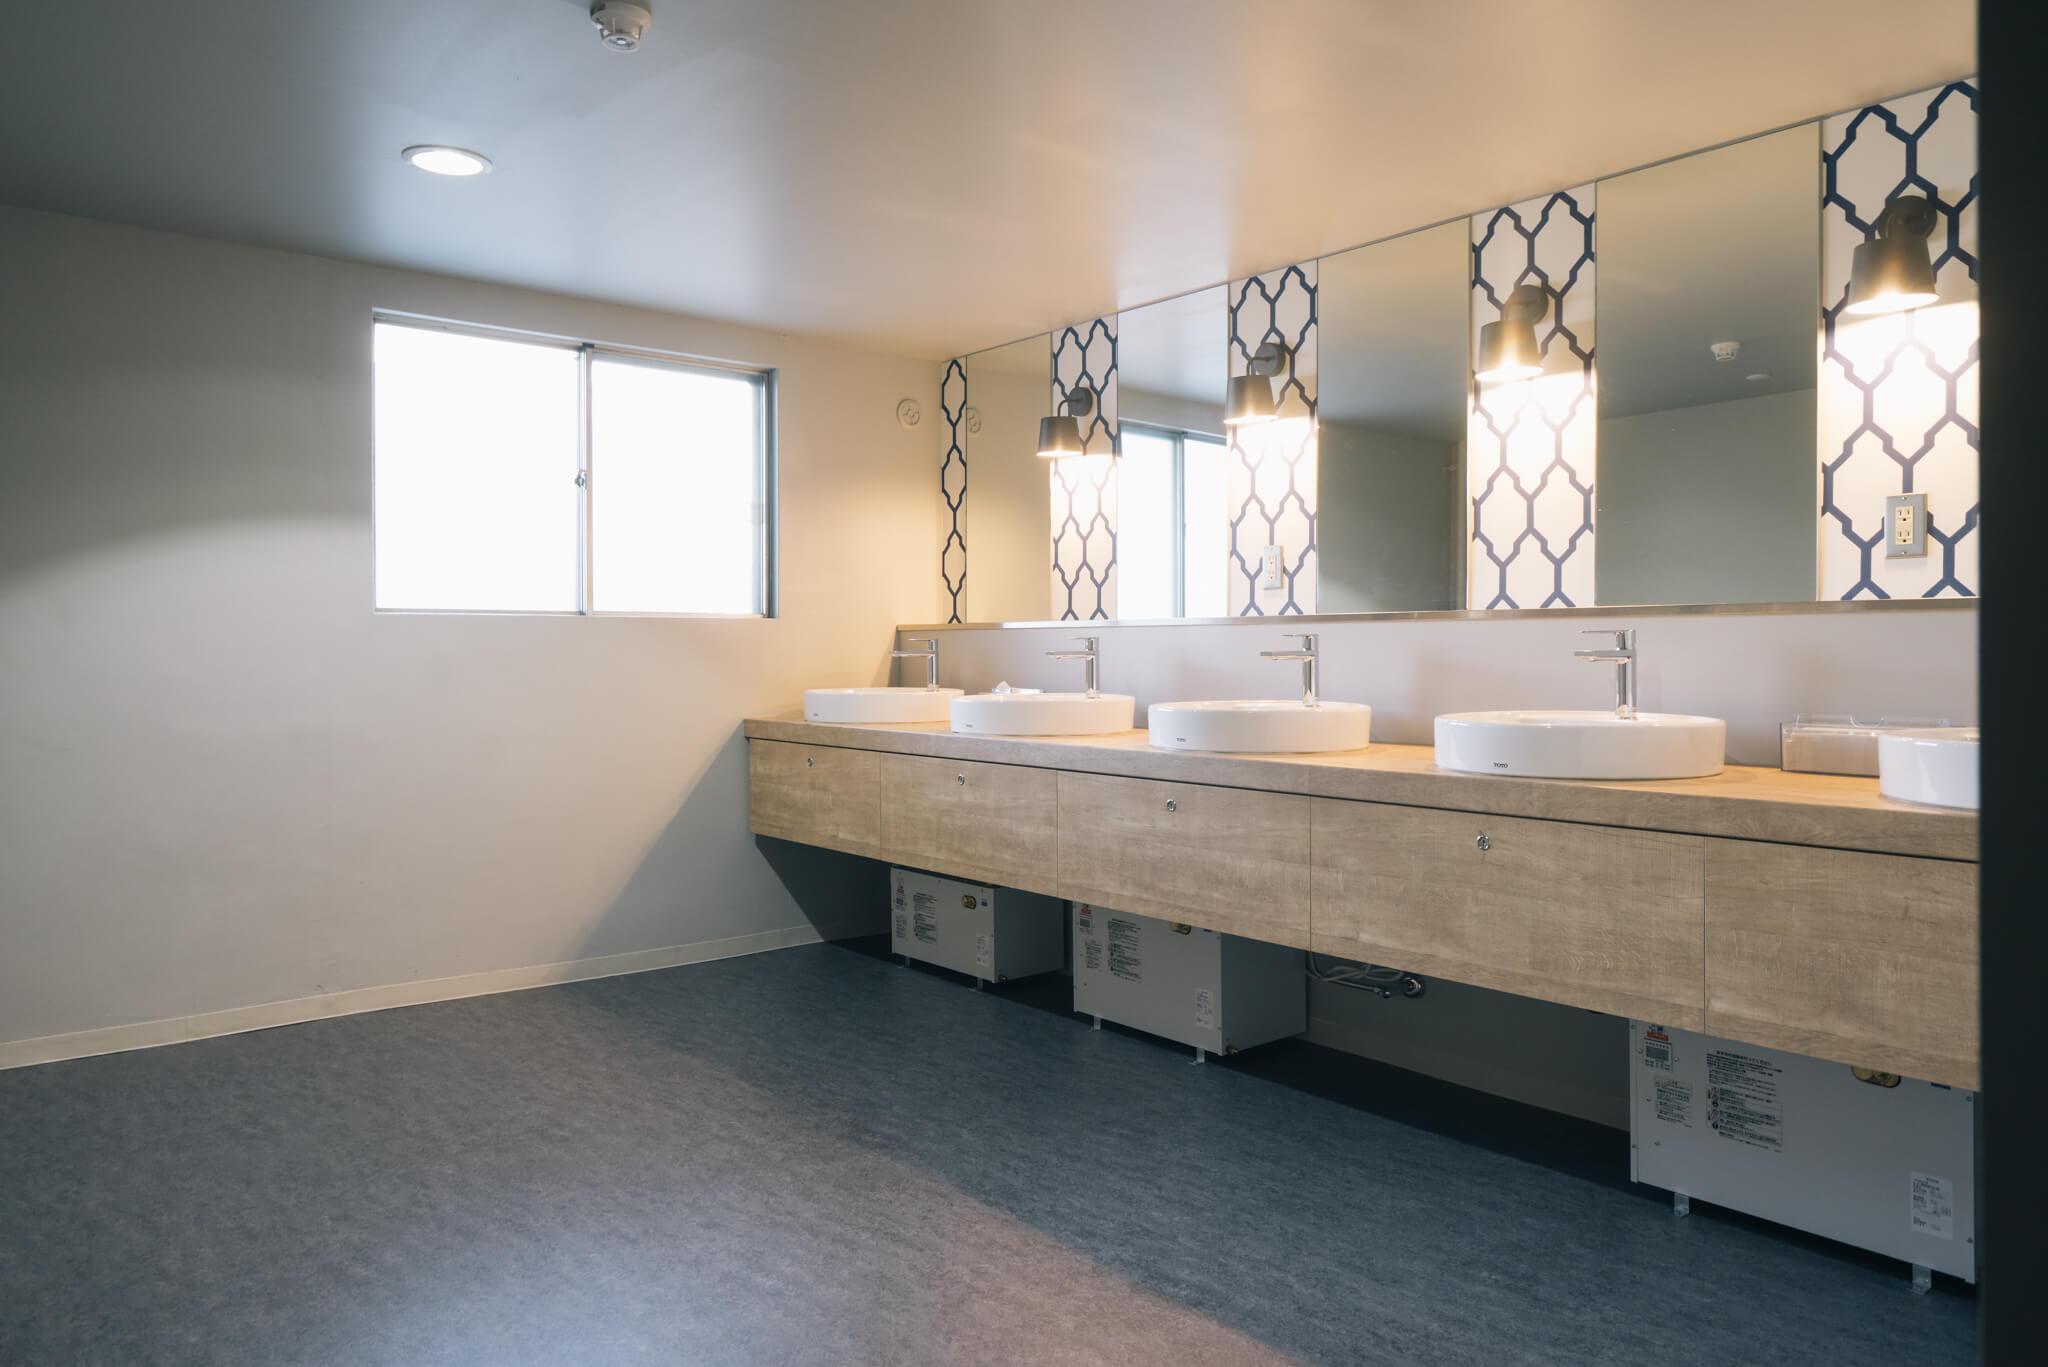 共用の洗面室はとてもオシャレ。掃除もしてくれるとあれば、本当にホテルみたいに使えそう。